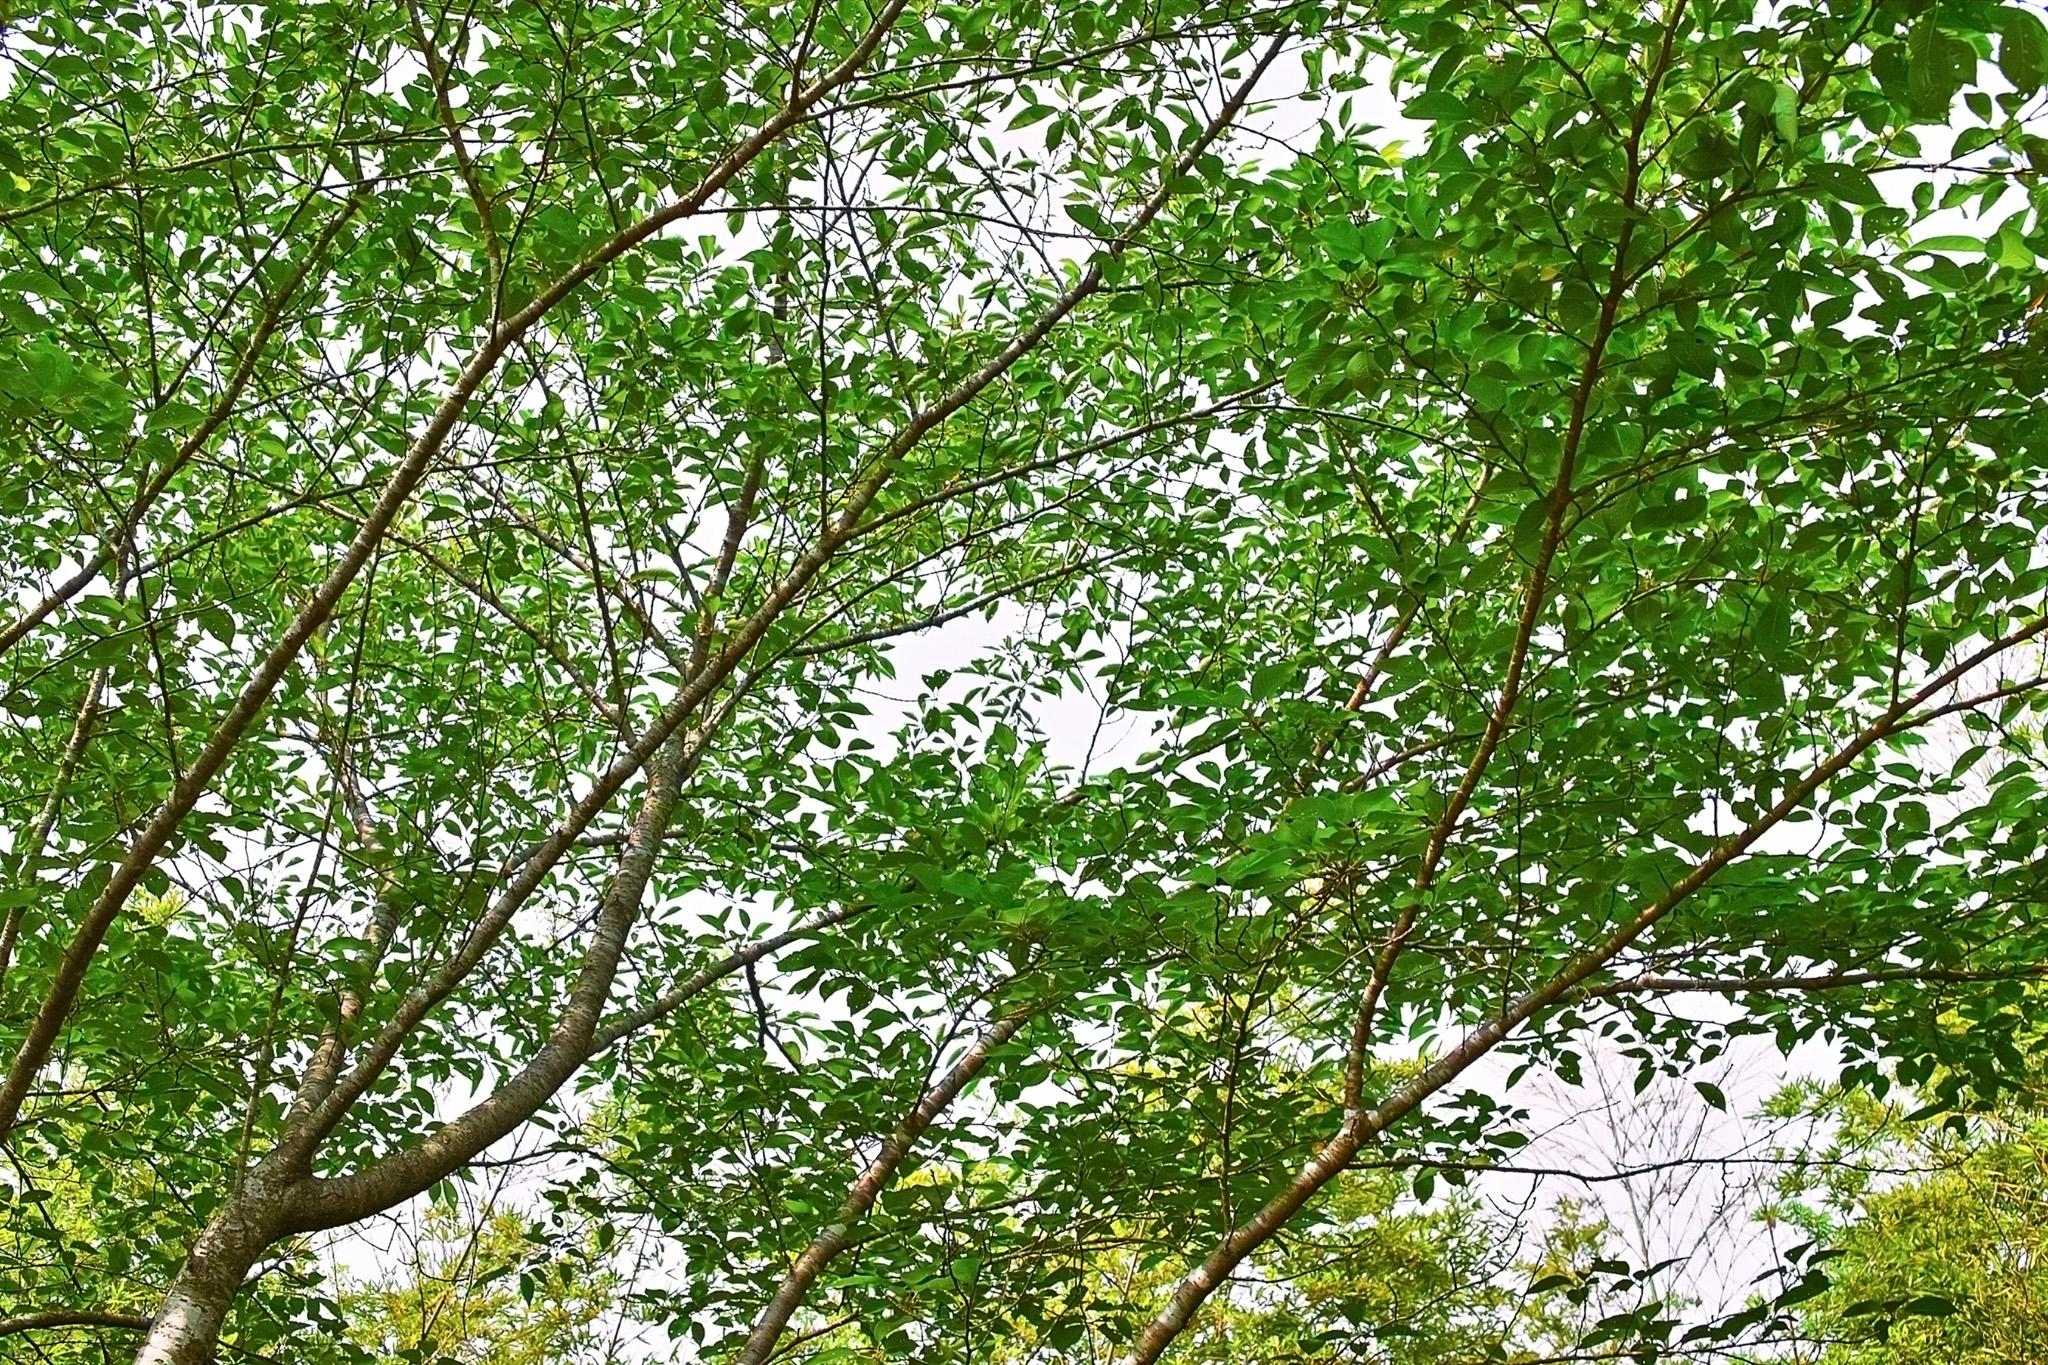 「白い背景の木の枝」の素材を無料ダウンロード